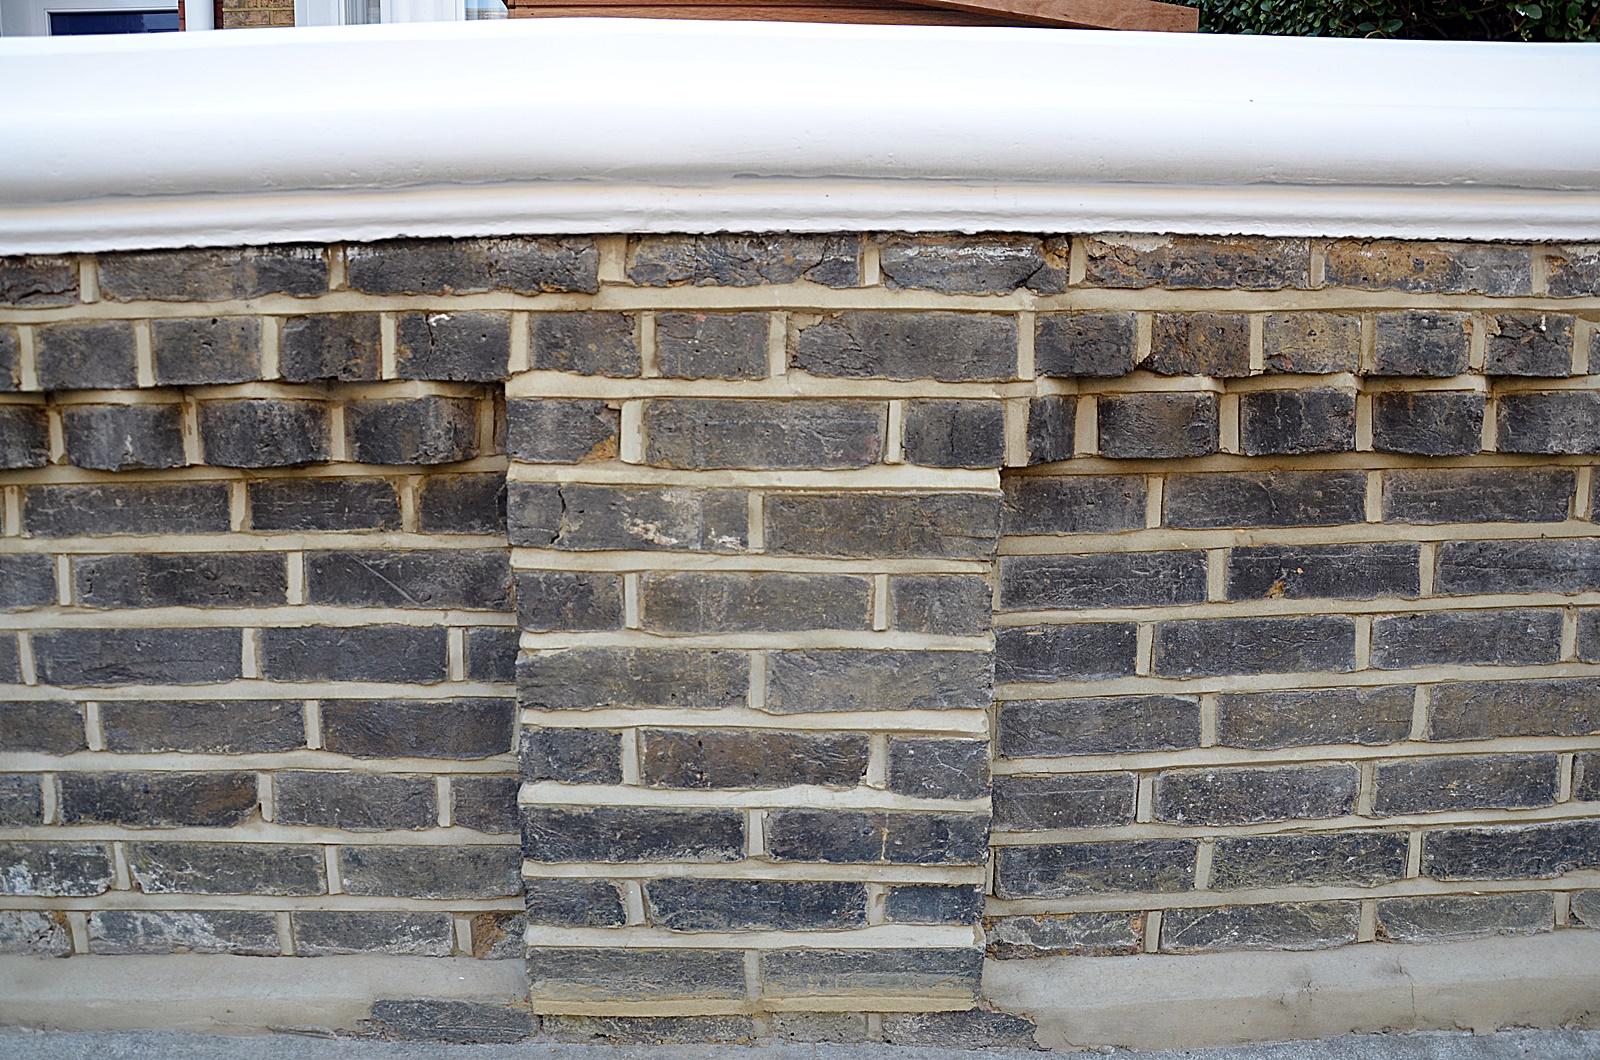 brick-front-garden-wall-low-maintenance-london-balham-clapham-wandsworth